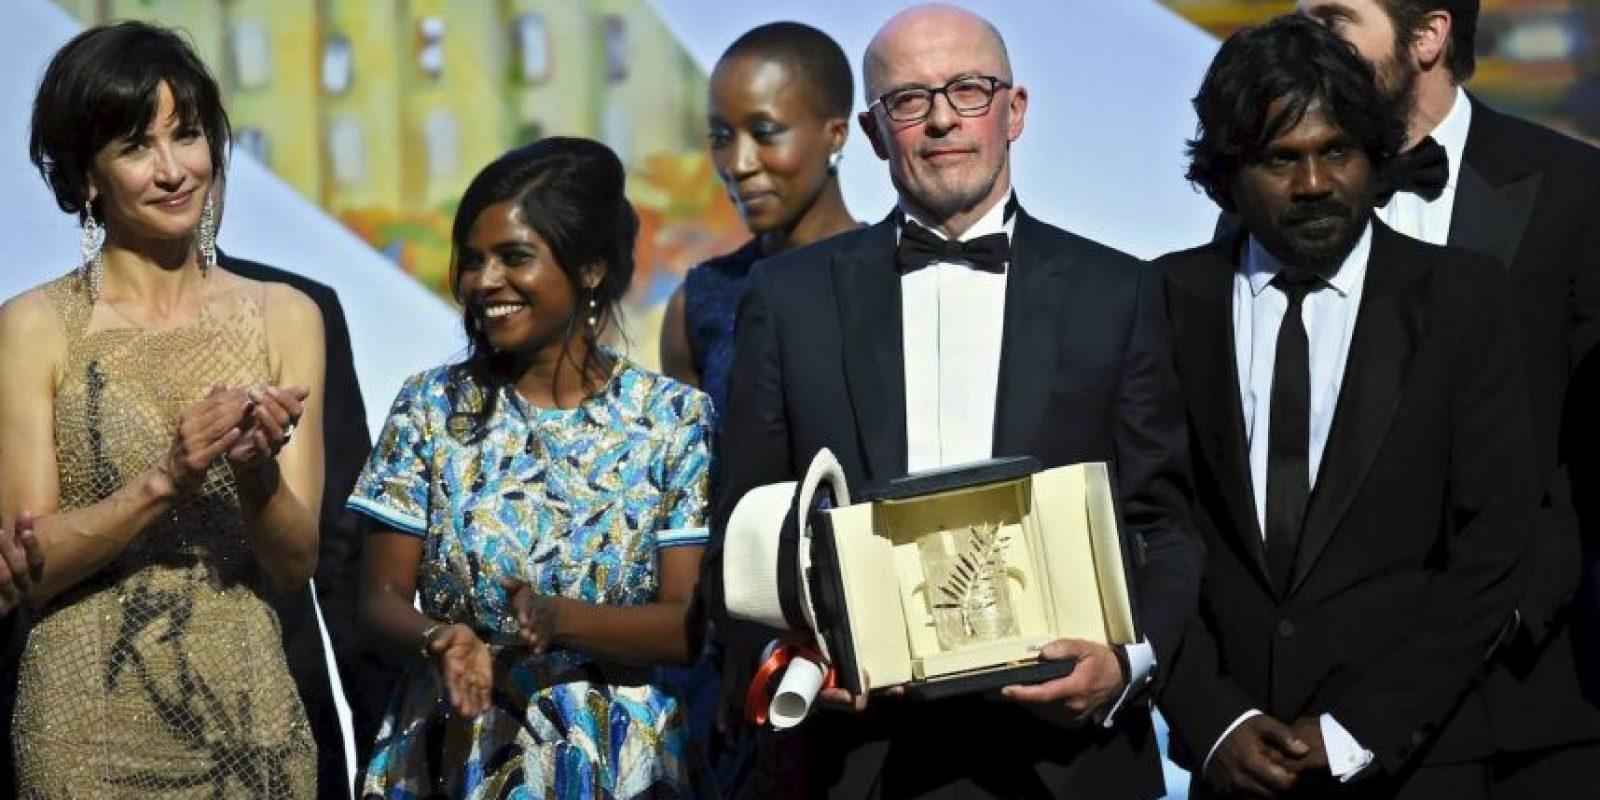 """La Palma de Oro fue para la cinta """"Dheepan"""" del director de cine francés Jaques Audiard. Foto:vía facebook.com/Festival-de-Cannes-Page-Officielle"""